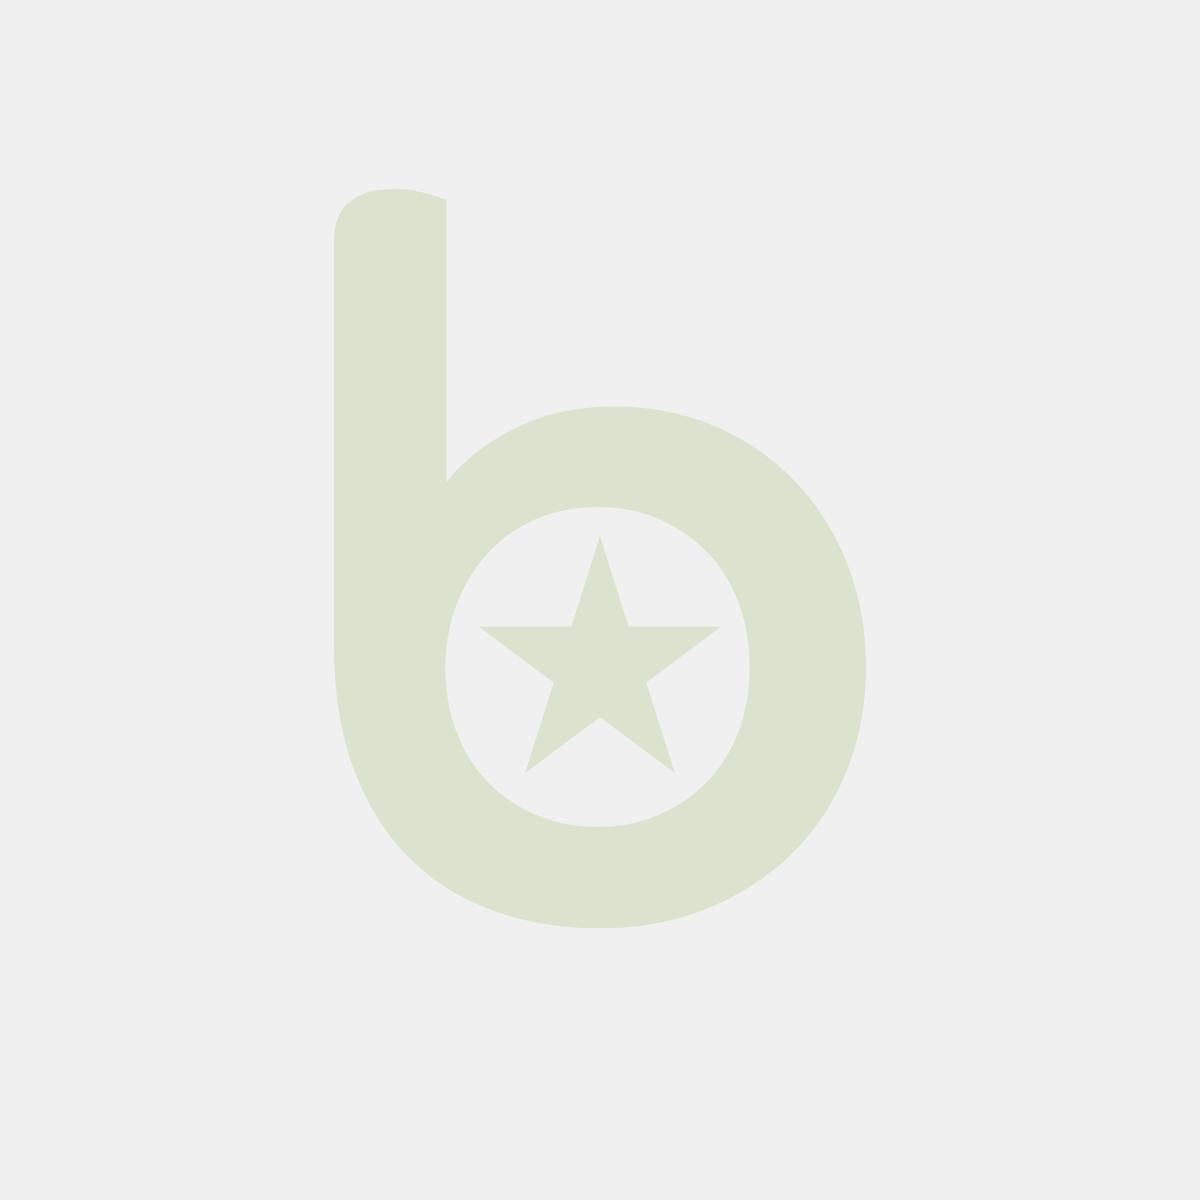 Koperta powietrzna E/15(10) Rozmiar wewn ętrzny (mm) 220 x 260, Rozmiar zewnętrzn